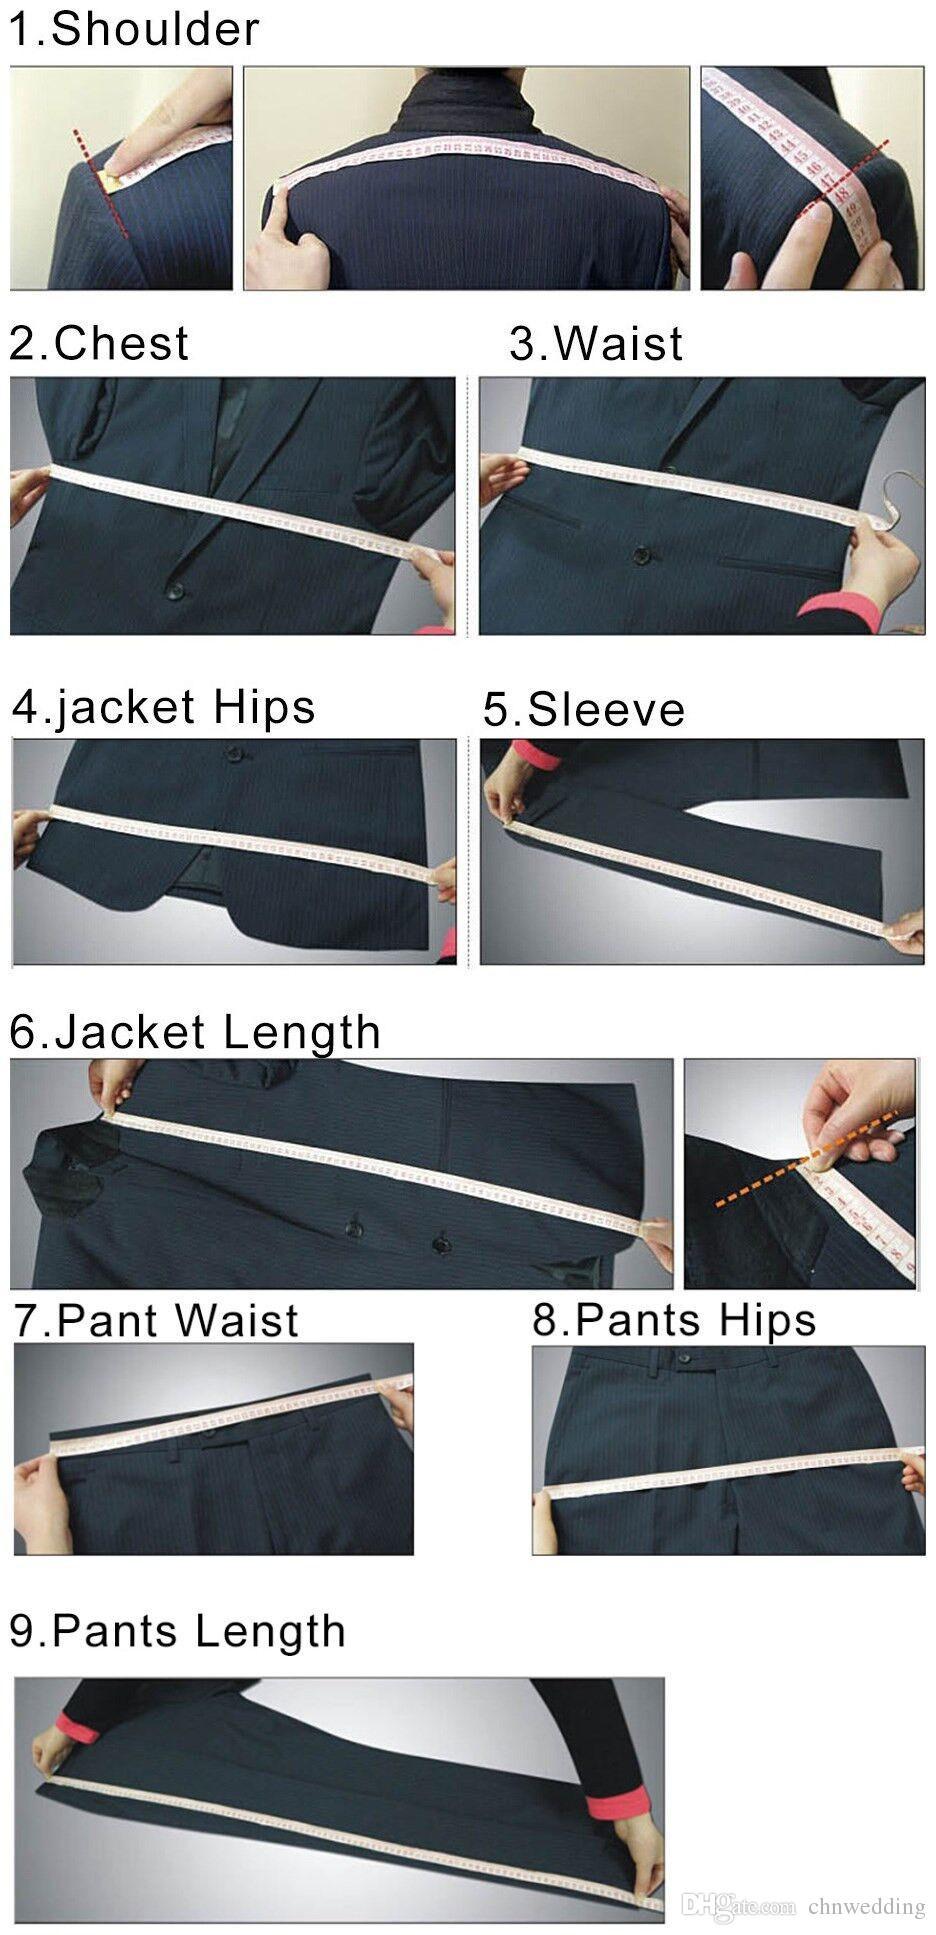 Özel Slim Fit Damat Smokin 2018 Erkekler Lacivert Sağdıç Damat Düğün Takımları Balo Seti Suits Ceket + Pantolon